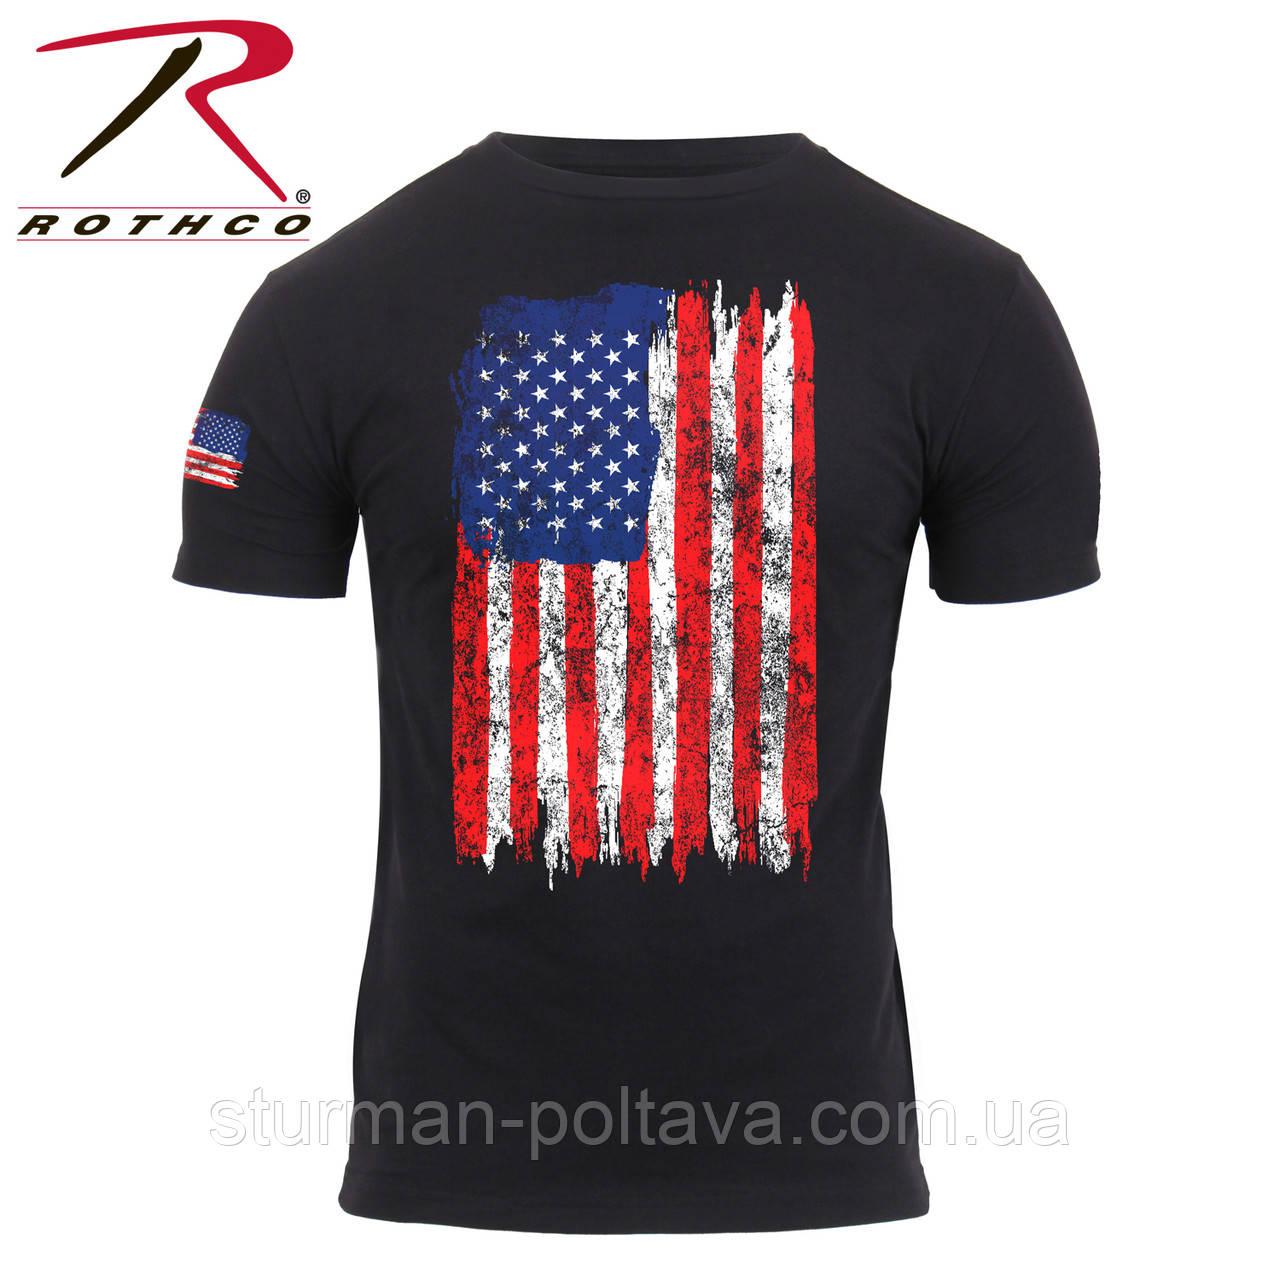 Футболка мужская  патриотическая  винтажная  Rothco Distressed US Flag Athletic Fit T-Shirt USA